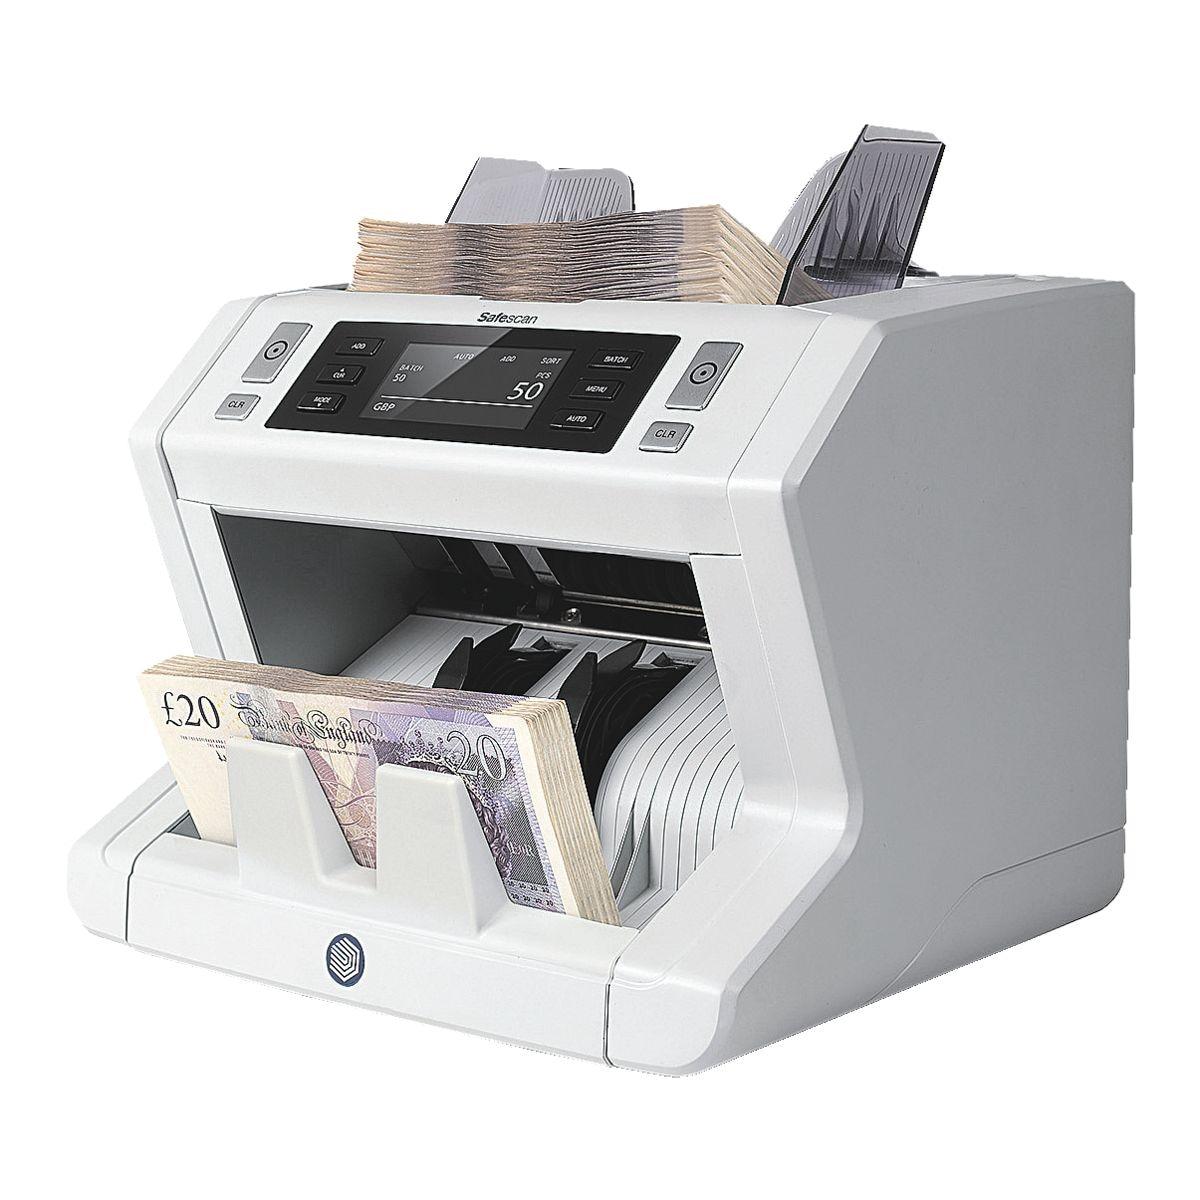 Safescan Banknotenzähler »2660-s«